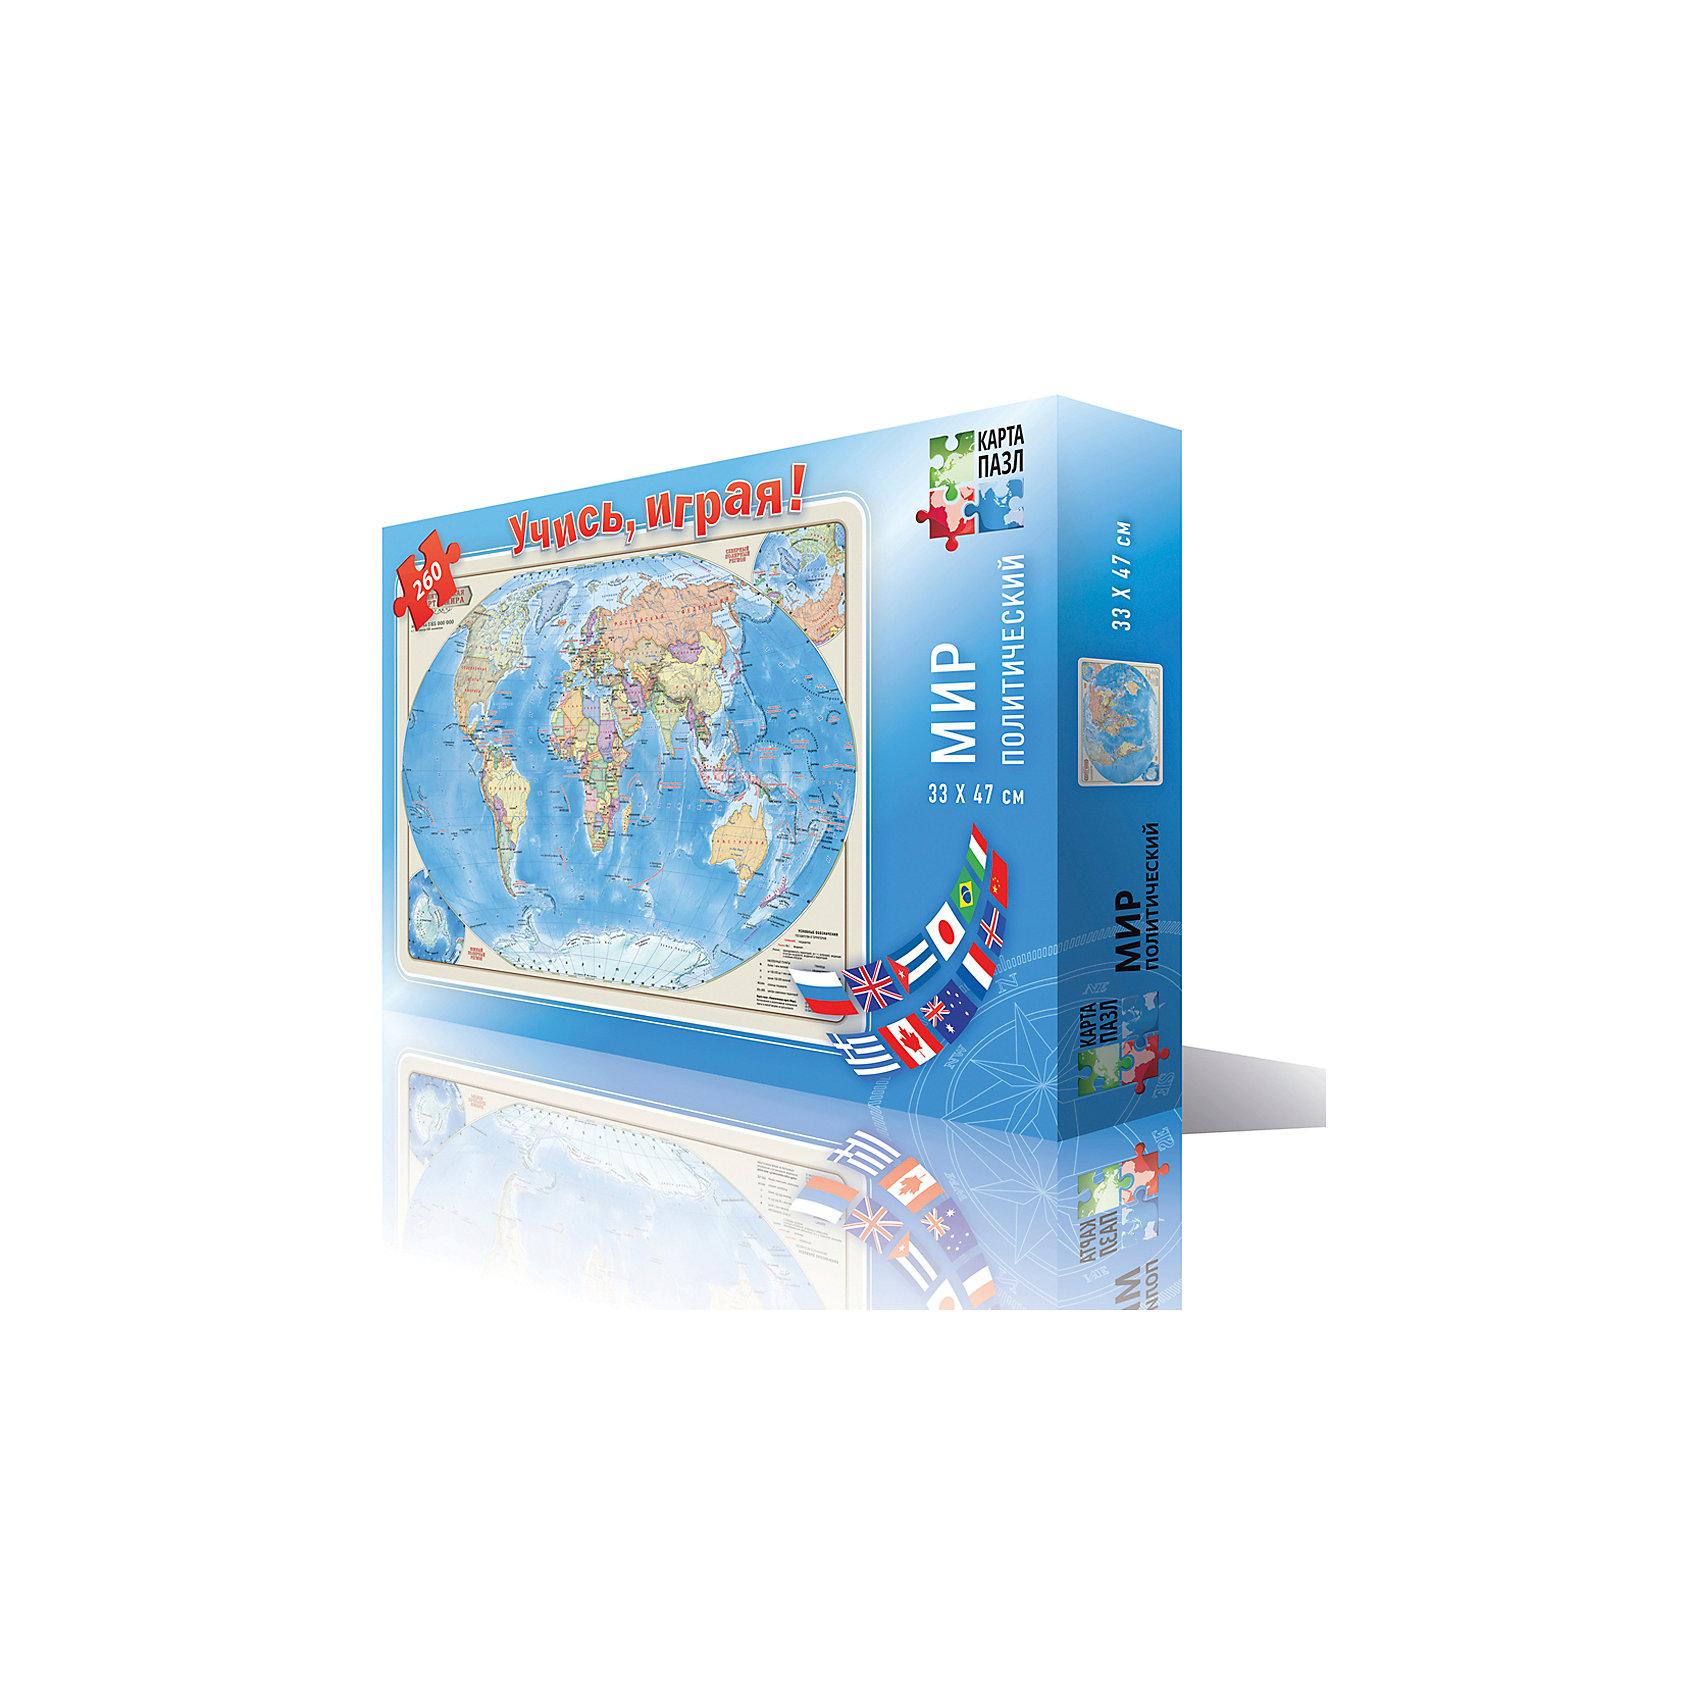 Карта-пазл Мир политический 33*47 см, М 1:65 млн, 260 деталейКоличество деталей<br>Характеристики товара:<br><br>• материал: ламинированный картон<br>• возраст: от 6 лет<br>• количество деталей: 260<br>• габариты упаковки: 29х19х4 см<br>• размер карты: 33х47 см<br>• вес: 250 г<br>• страна производитель: Россия<br><br>Ваш ребенок в процессе игры с большим интересом изучит политико-административное устройство мира и познакомится со столицами государств. Пазлы с картой мира позволяют узнать, какие океаны омывают материки и острова. Это отличный метод познакомиться с особенностями географии уже с малого возраста. Играя, ребенок развивает воображение, пространственное мышление, внимание, память и способность анализировать!<br><br>Карту-пазл Мир политический 33*47 см, М 1:65 млн, 260 деталей, можно купить в нашем интернет-магазине.<br><br>Ширина мм: 290<br>Глубина мм: 190<br>Высота мм: 35<br>Вес г: 250<br>Возраст от месяцев: 72<br>Возраст до месяцев: 108<br>Пол: Унисекс<br>Возраст: Детский<br>SKU: 5422955